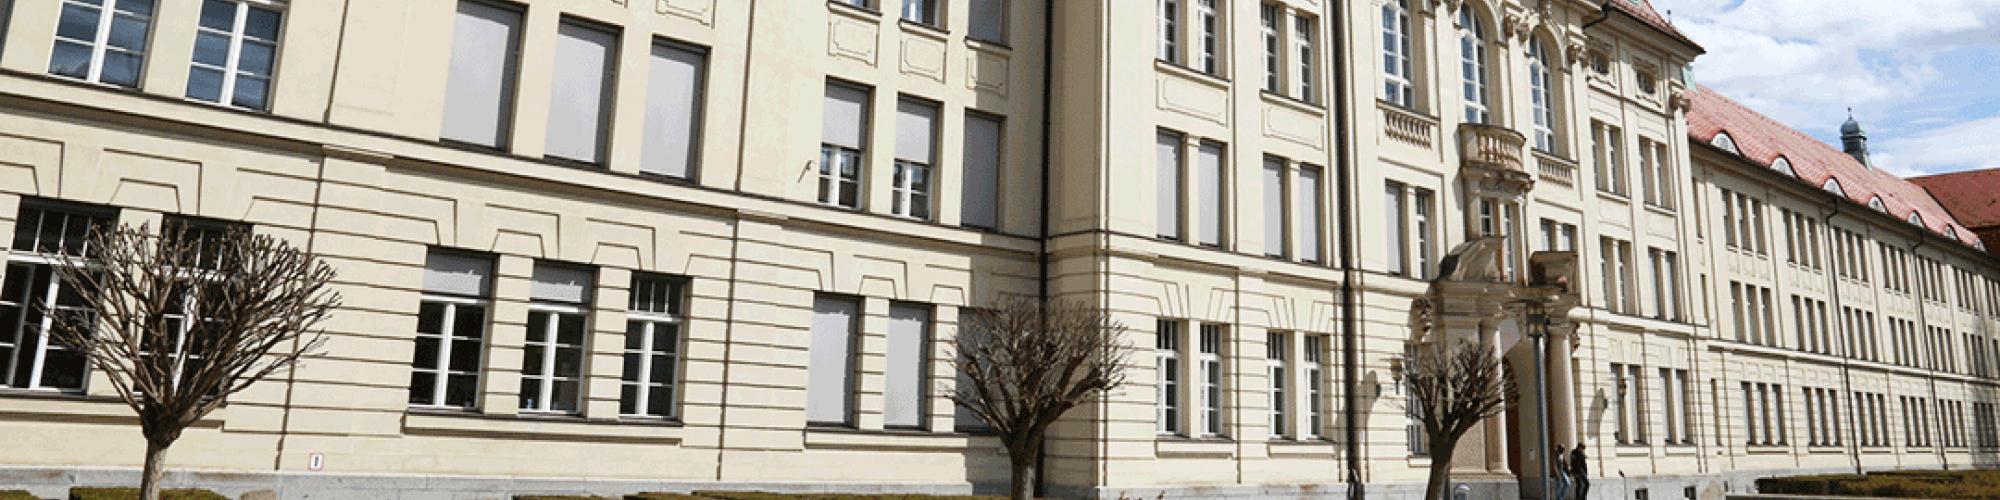 Landesregierung Brandenburg Staatskanzlei